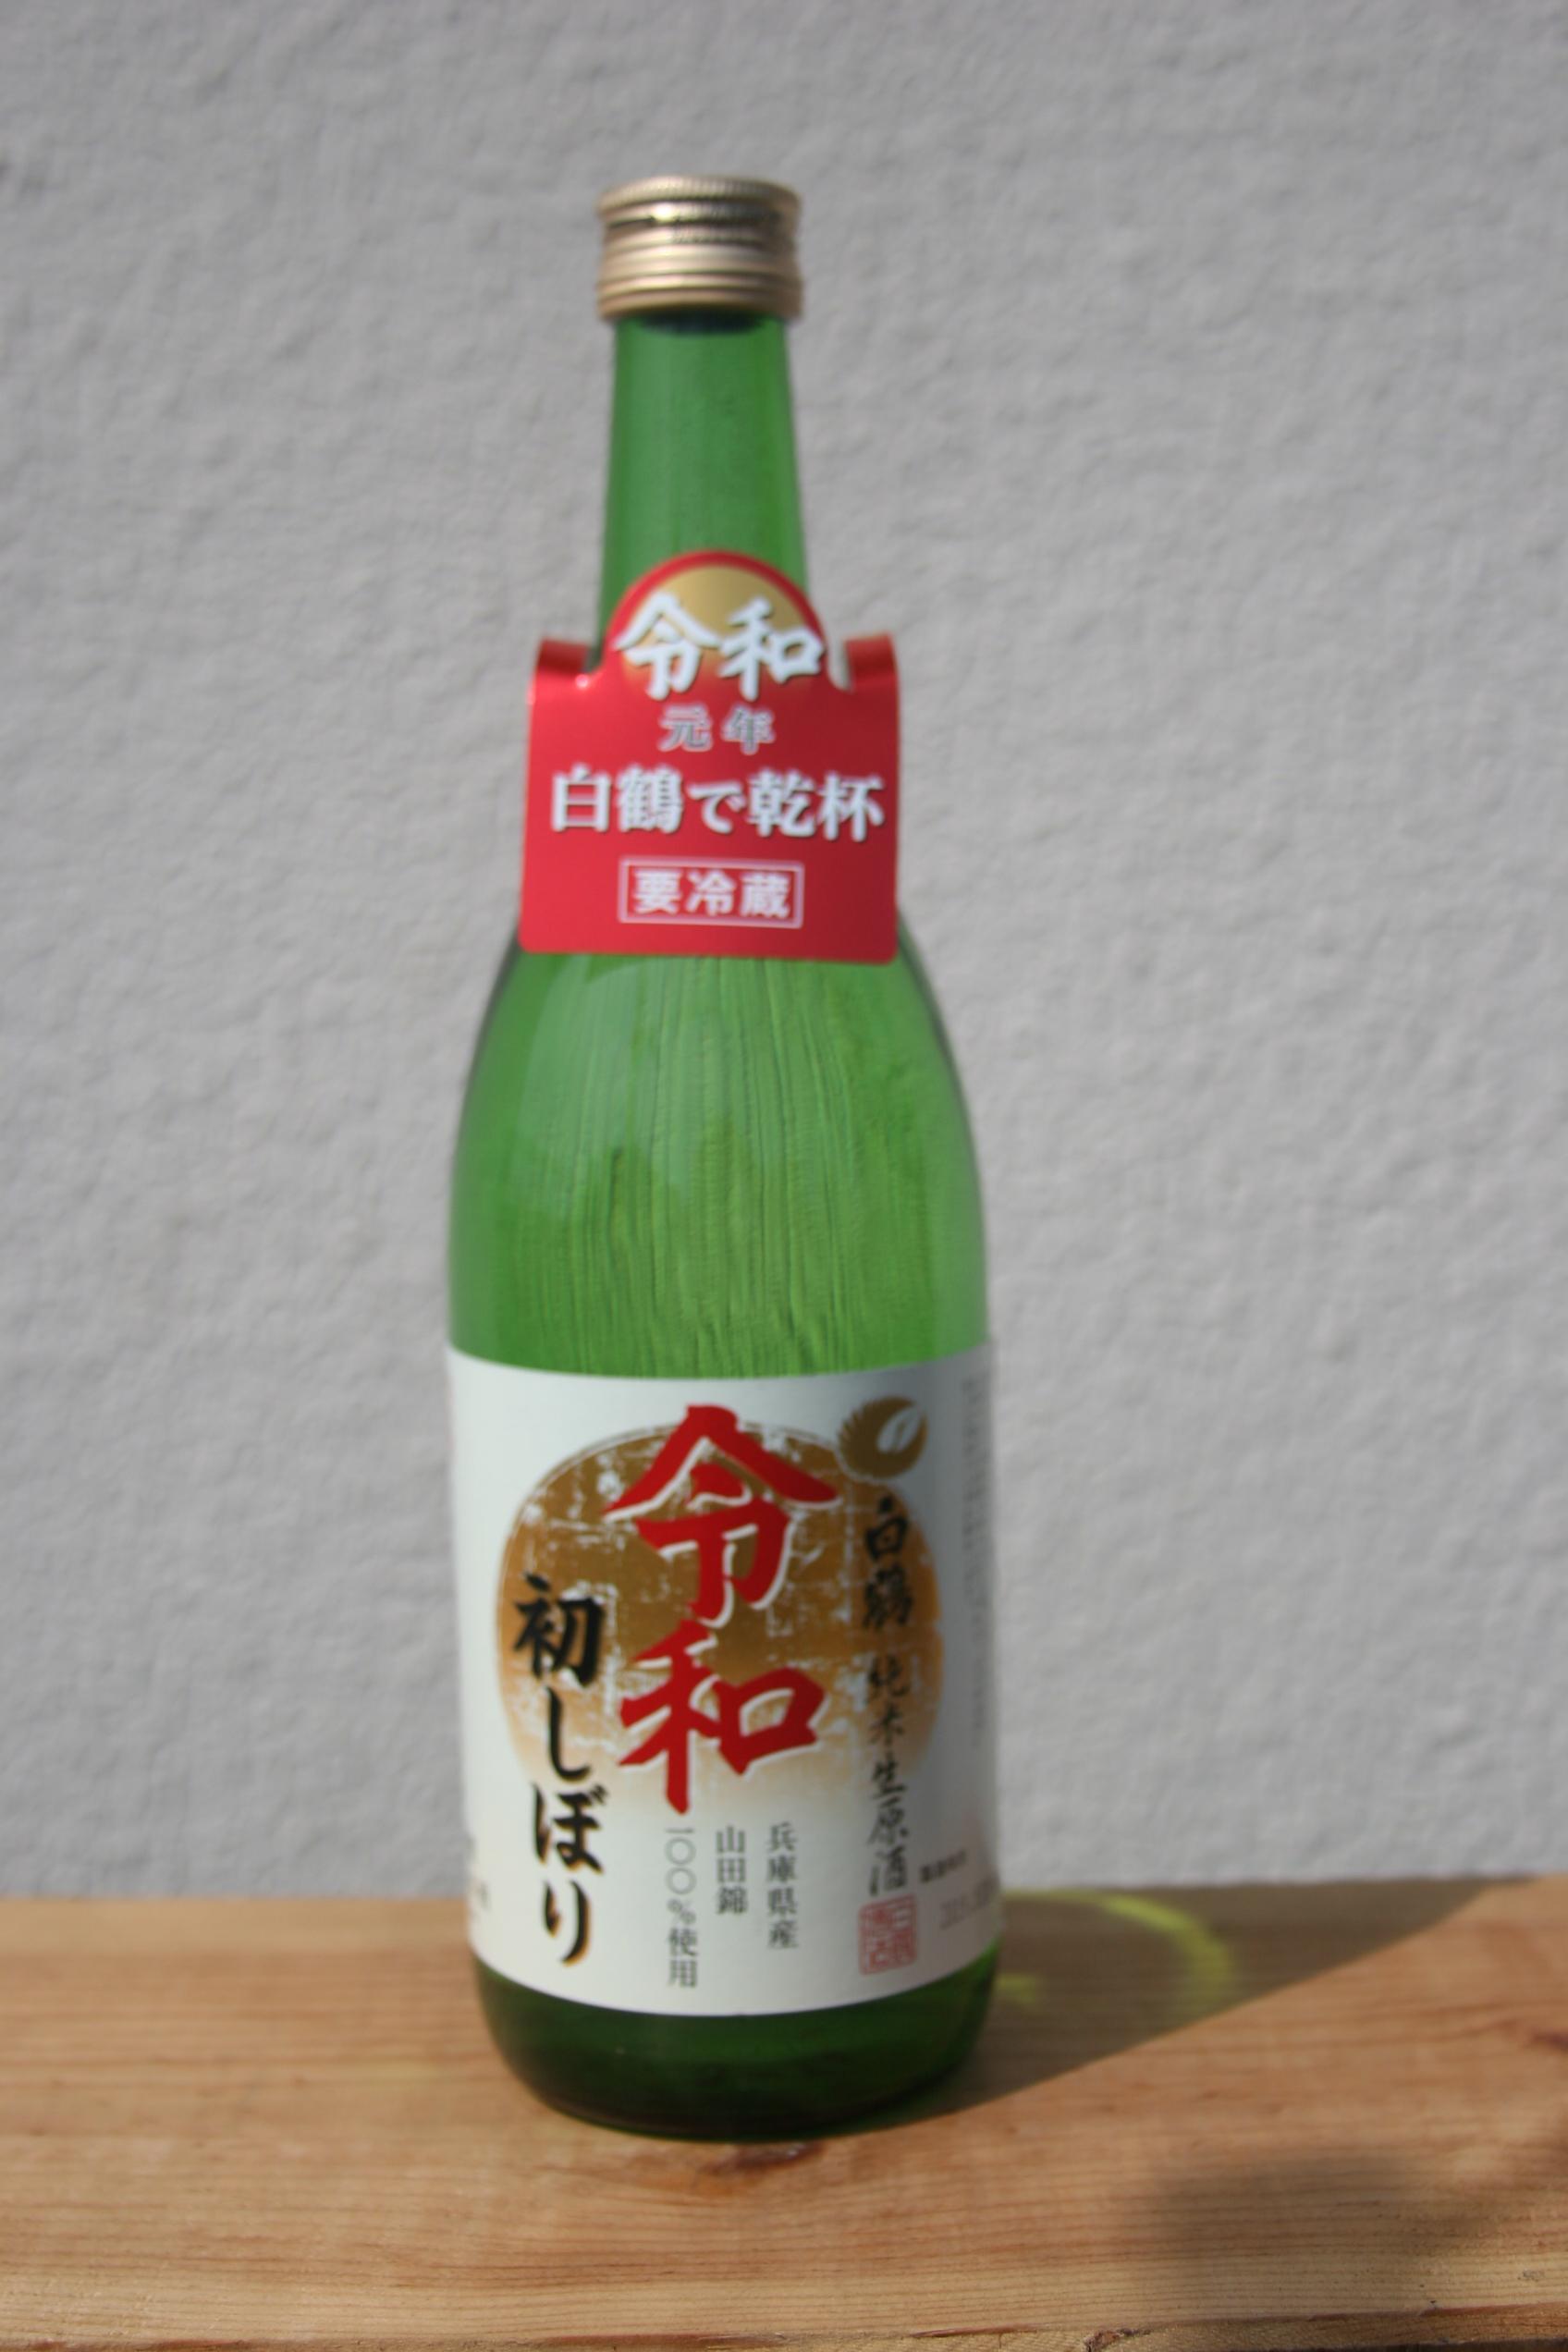 白鶴 令和 初しぼり 特別純米酒